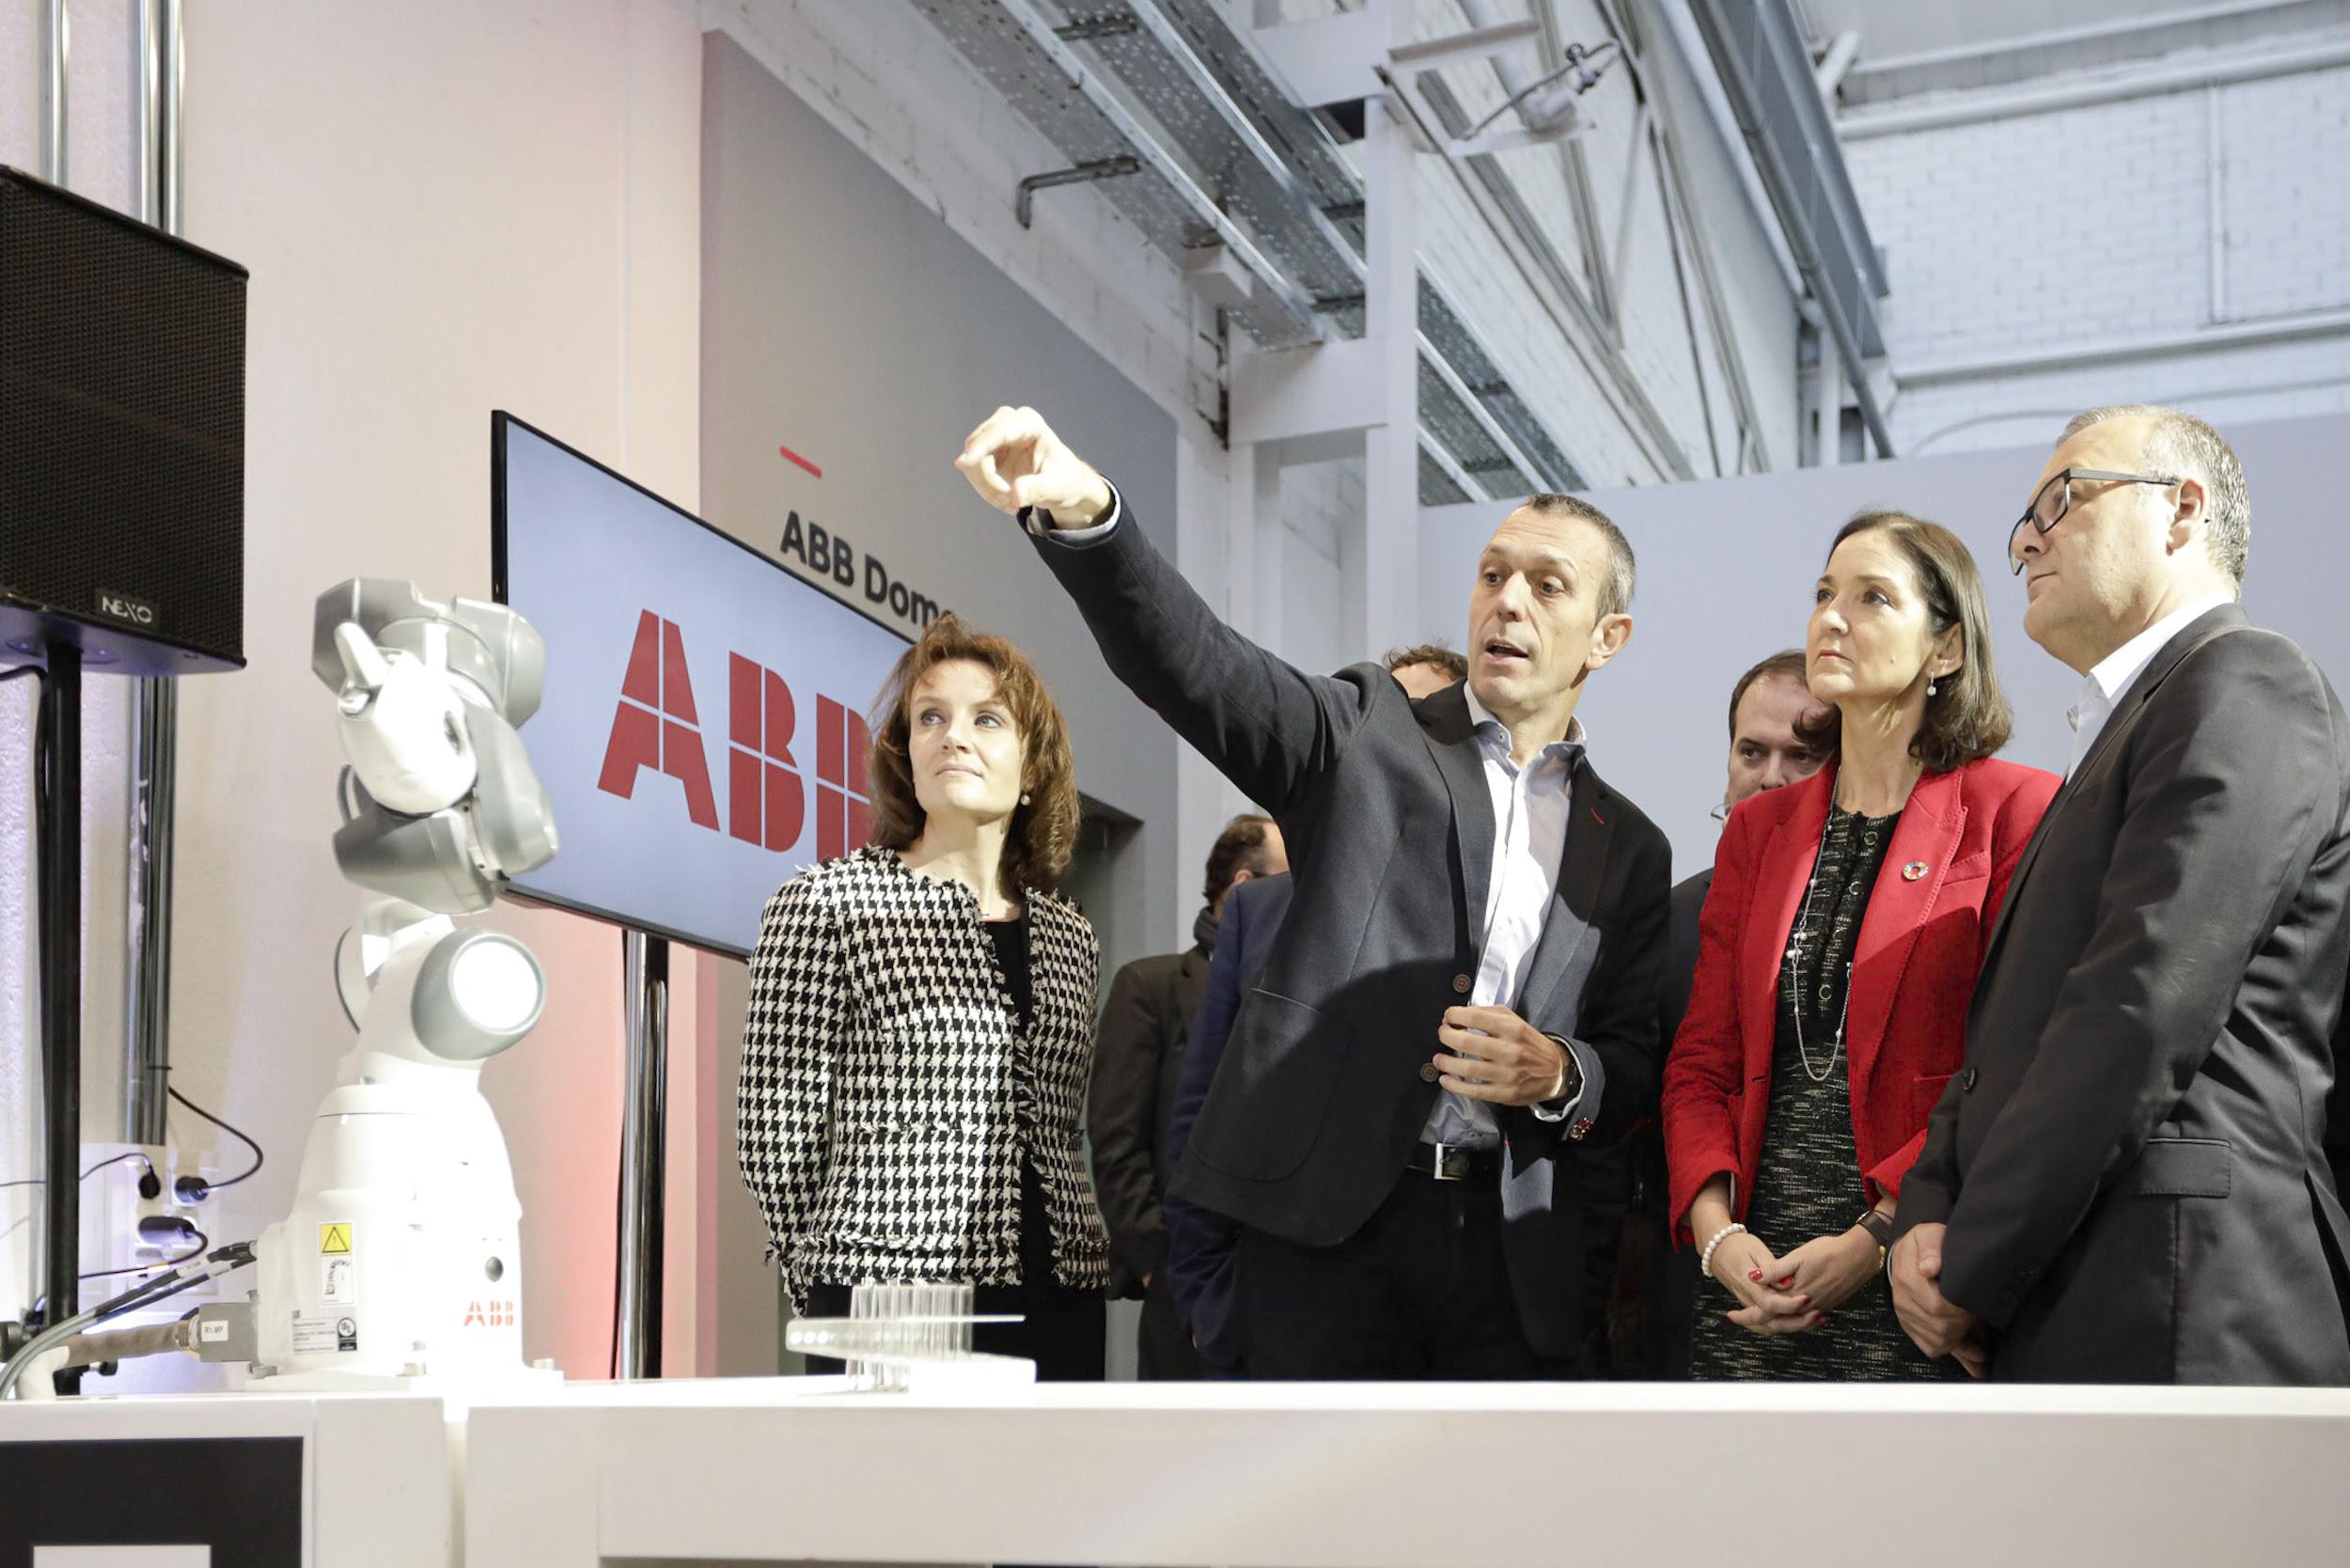 ABB inaugura un nuevo centro de innovación para impulsar la robótica y la automatización en España